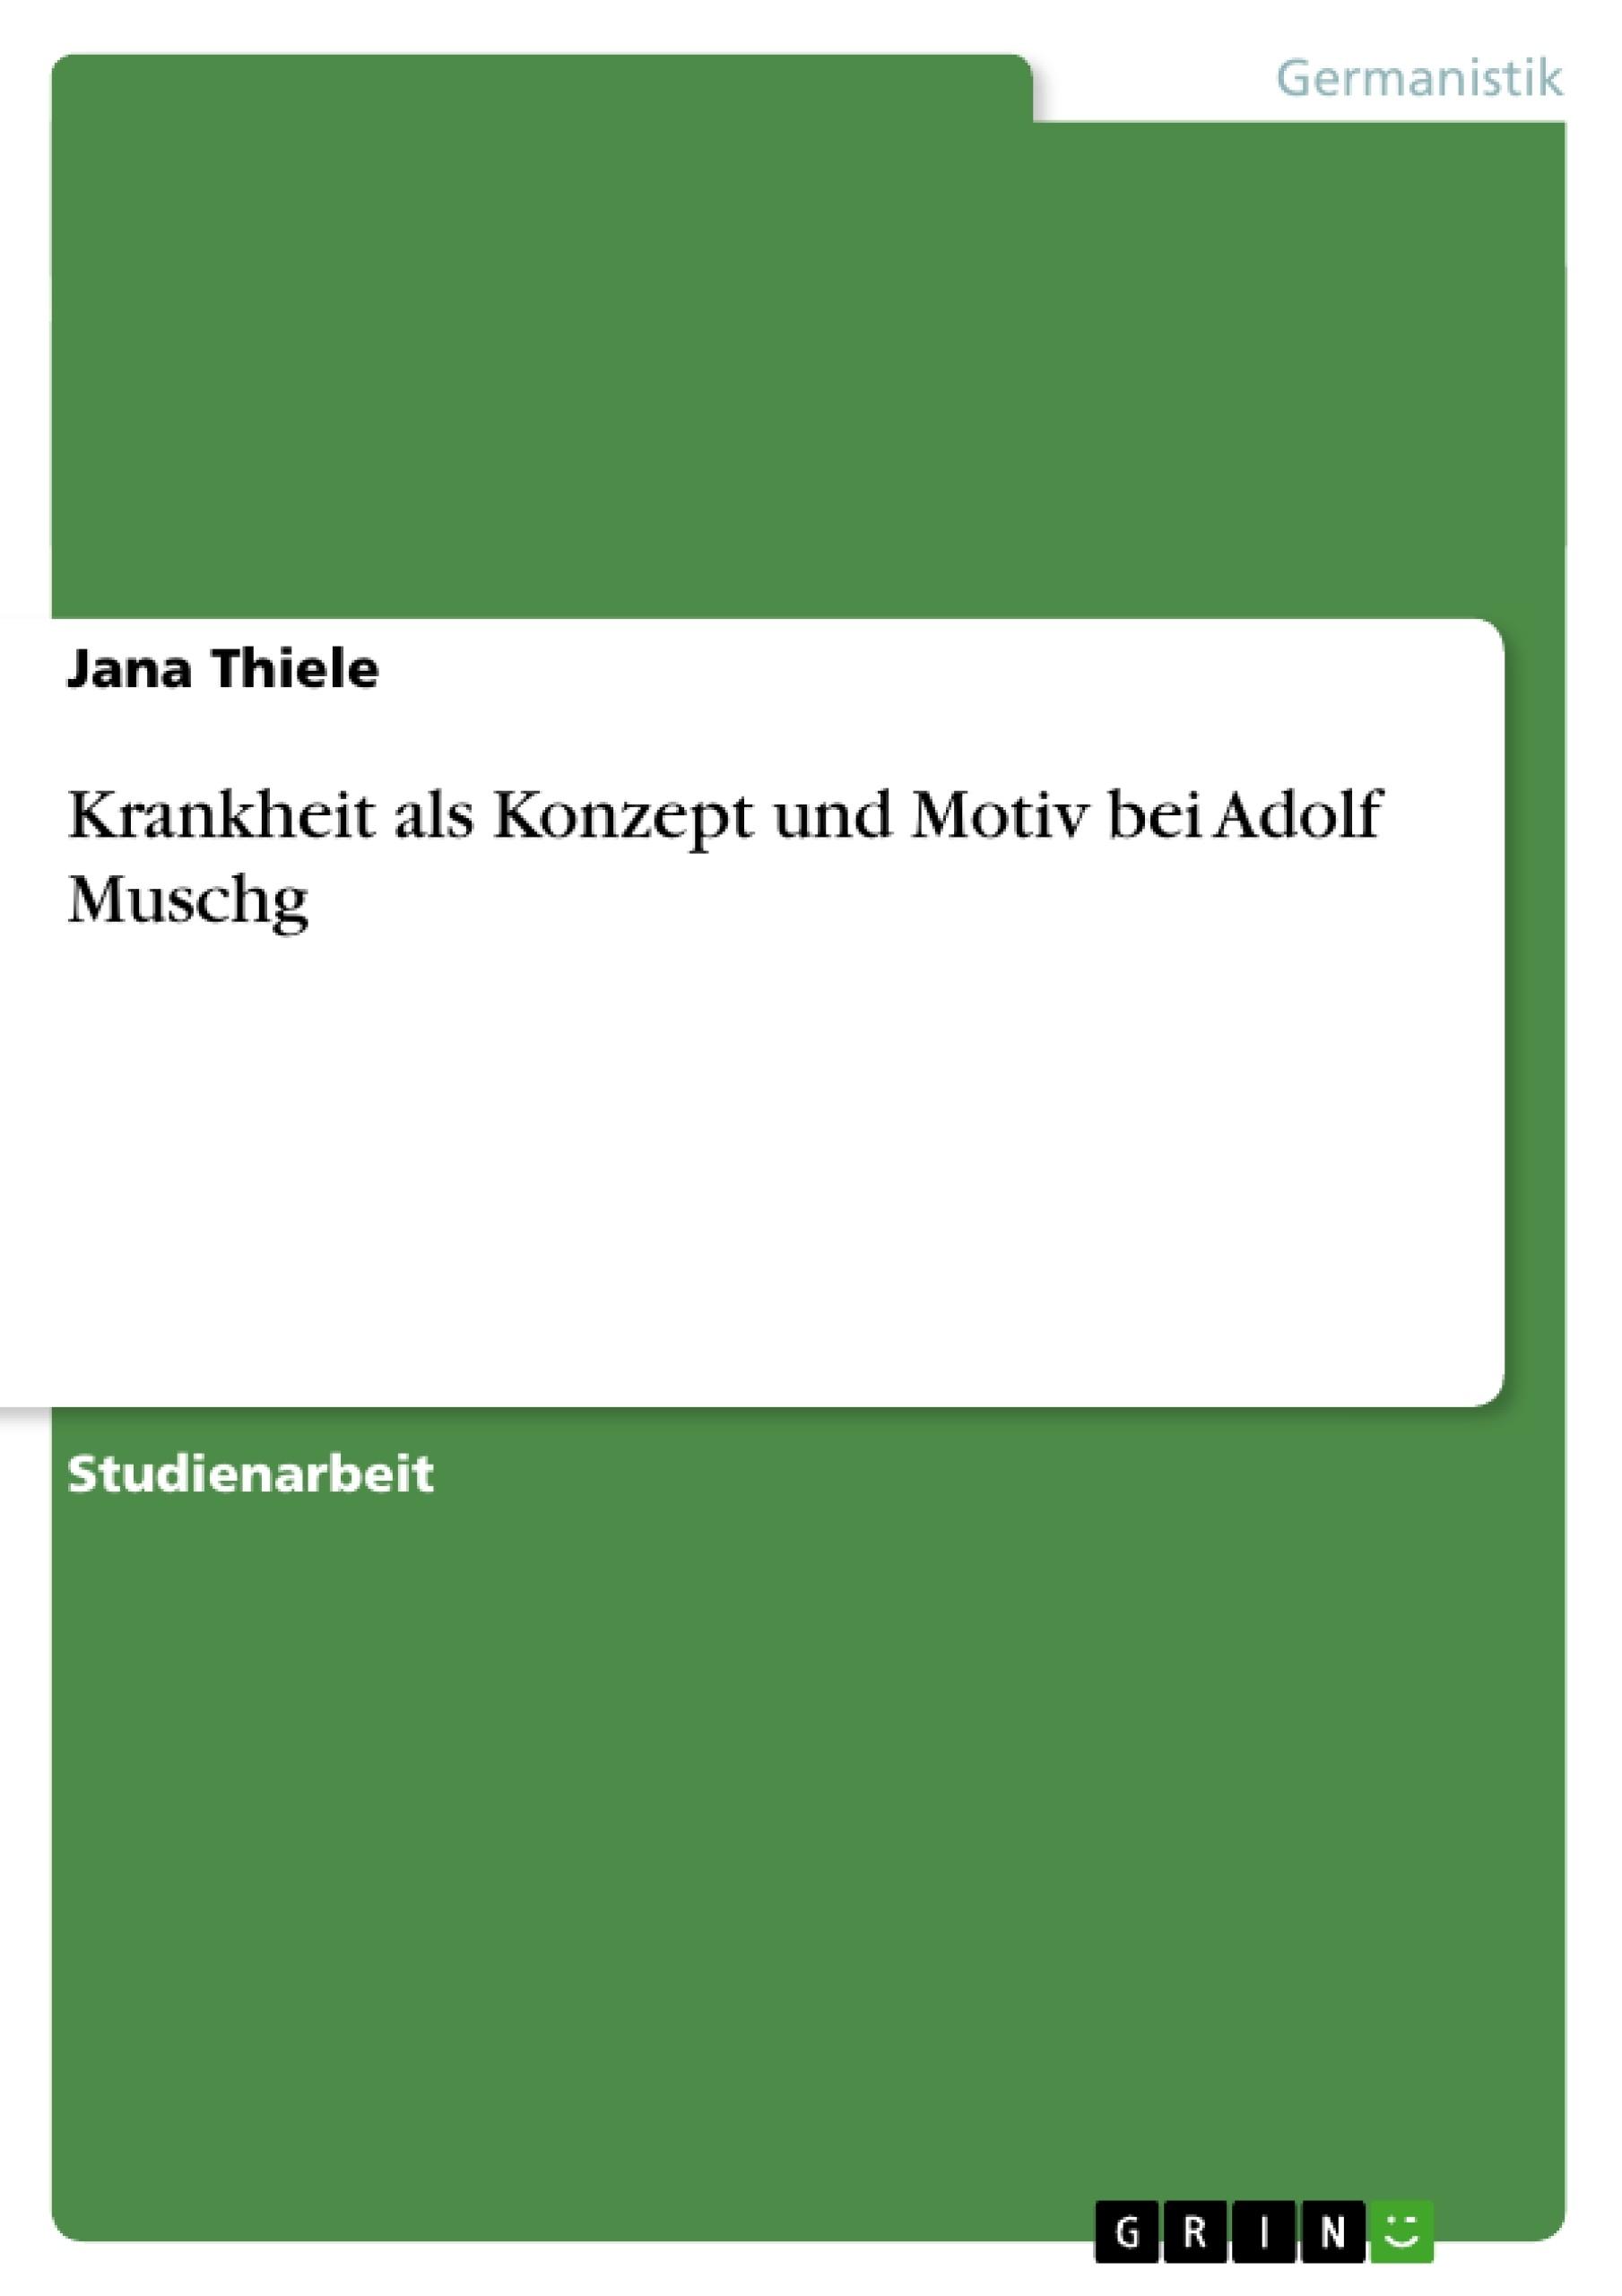 Titel: Krankheit als Konzept und Motiv bei Adolf Muschg